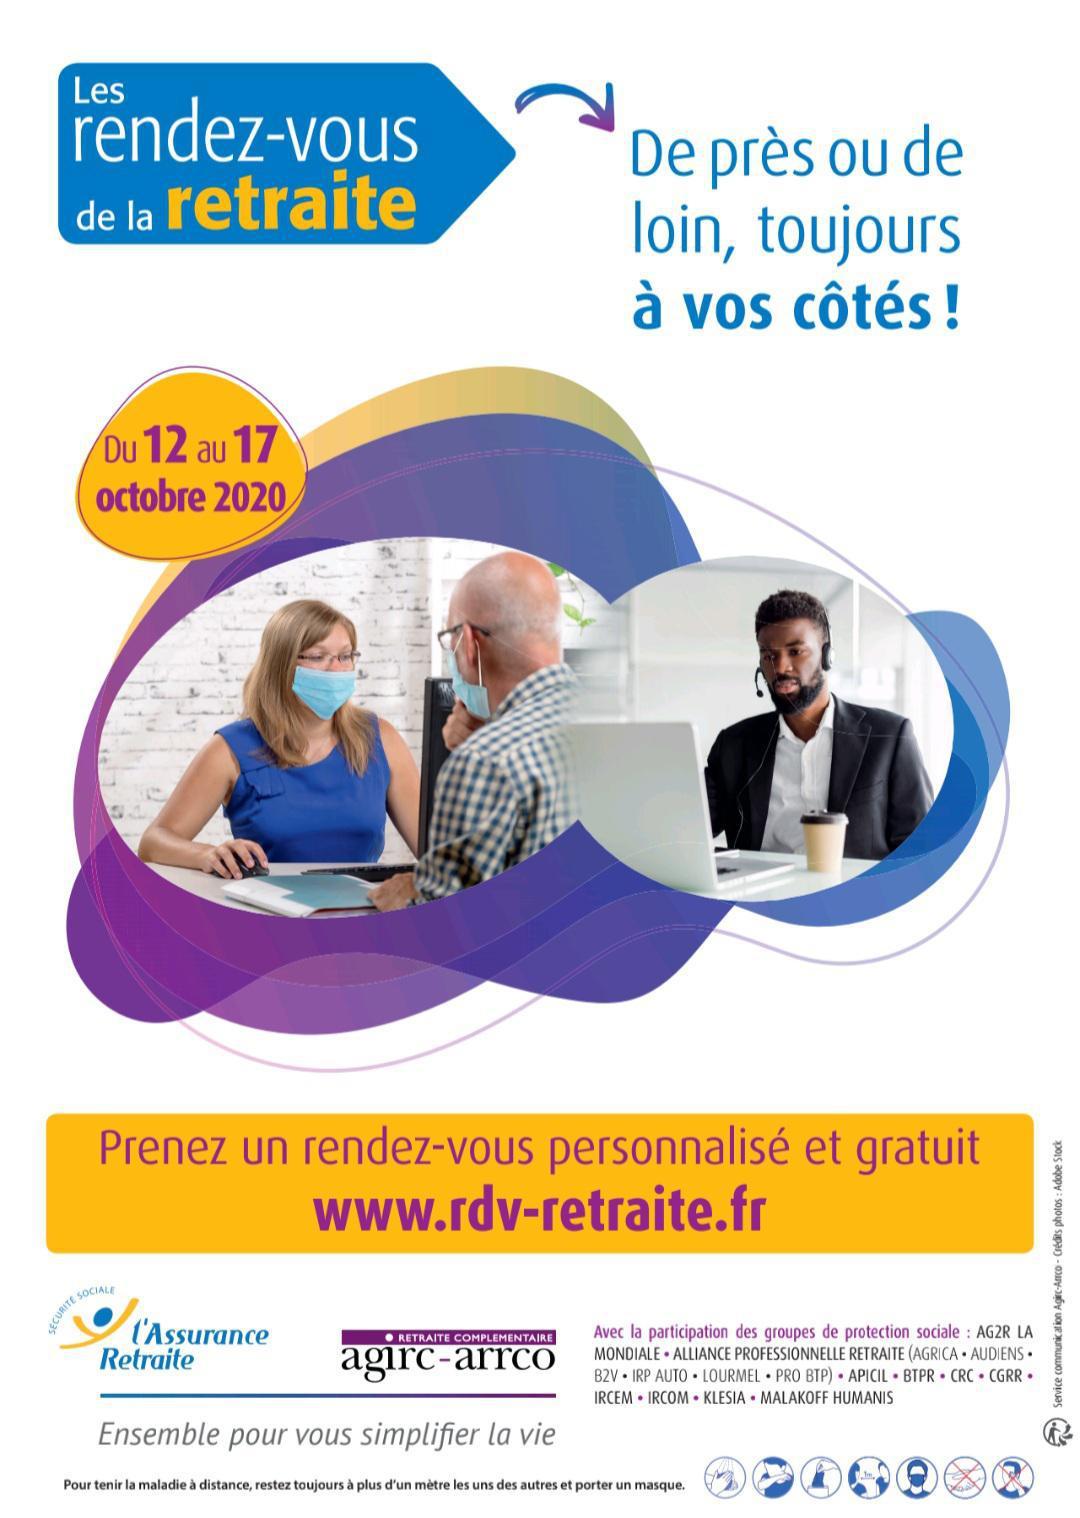 6 e édition des Rendez-vous de la retraite du 12 au 17 octobre 2020 organisée par l'Agirc-Arrco et l'Assurance retraite.